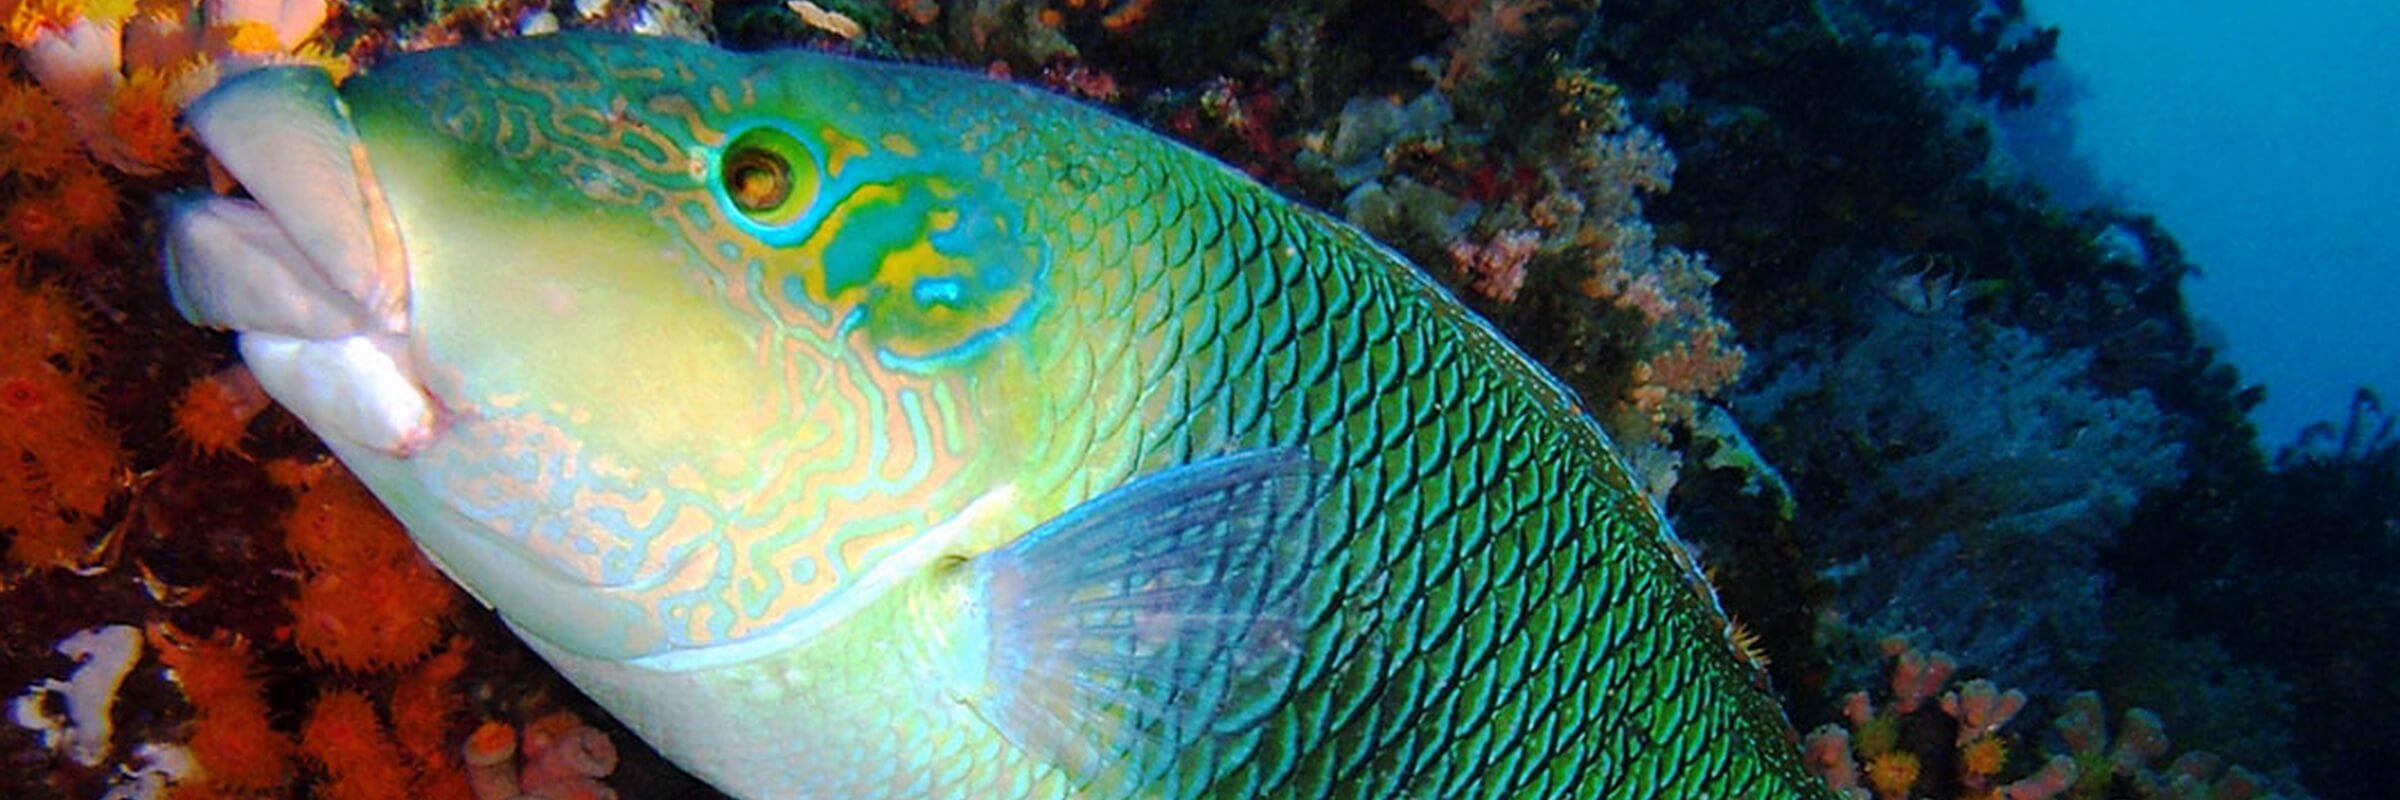 Die Gewässer rund um die Insel Palawan auf den Phlippinen sind bekannt für ihre farbenprächtige Unterwasserwelt mit reichhaltiger Flora und Fauna.